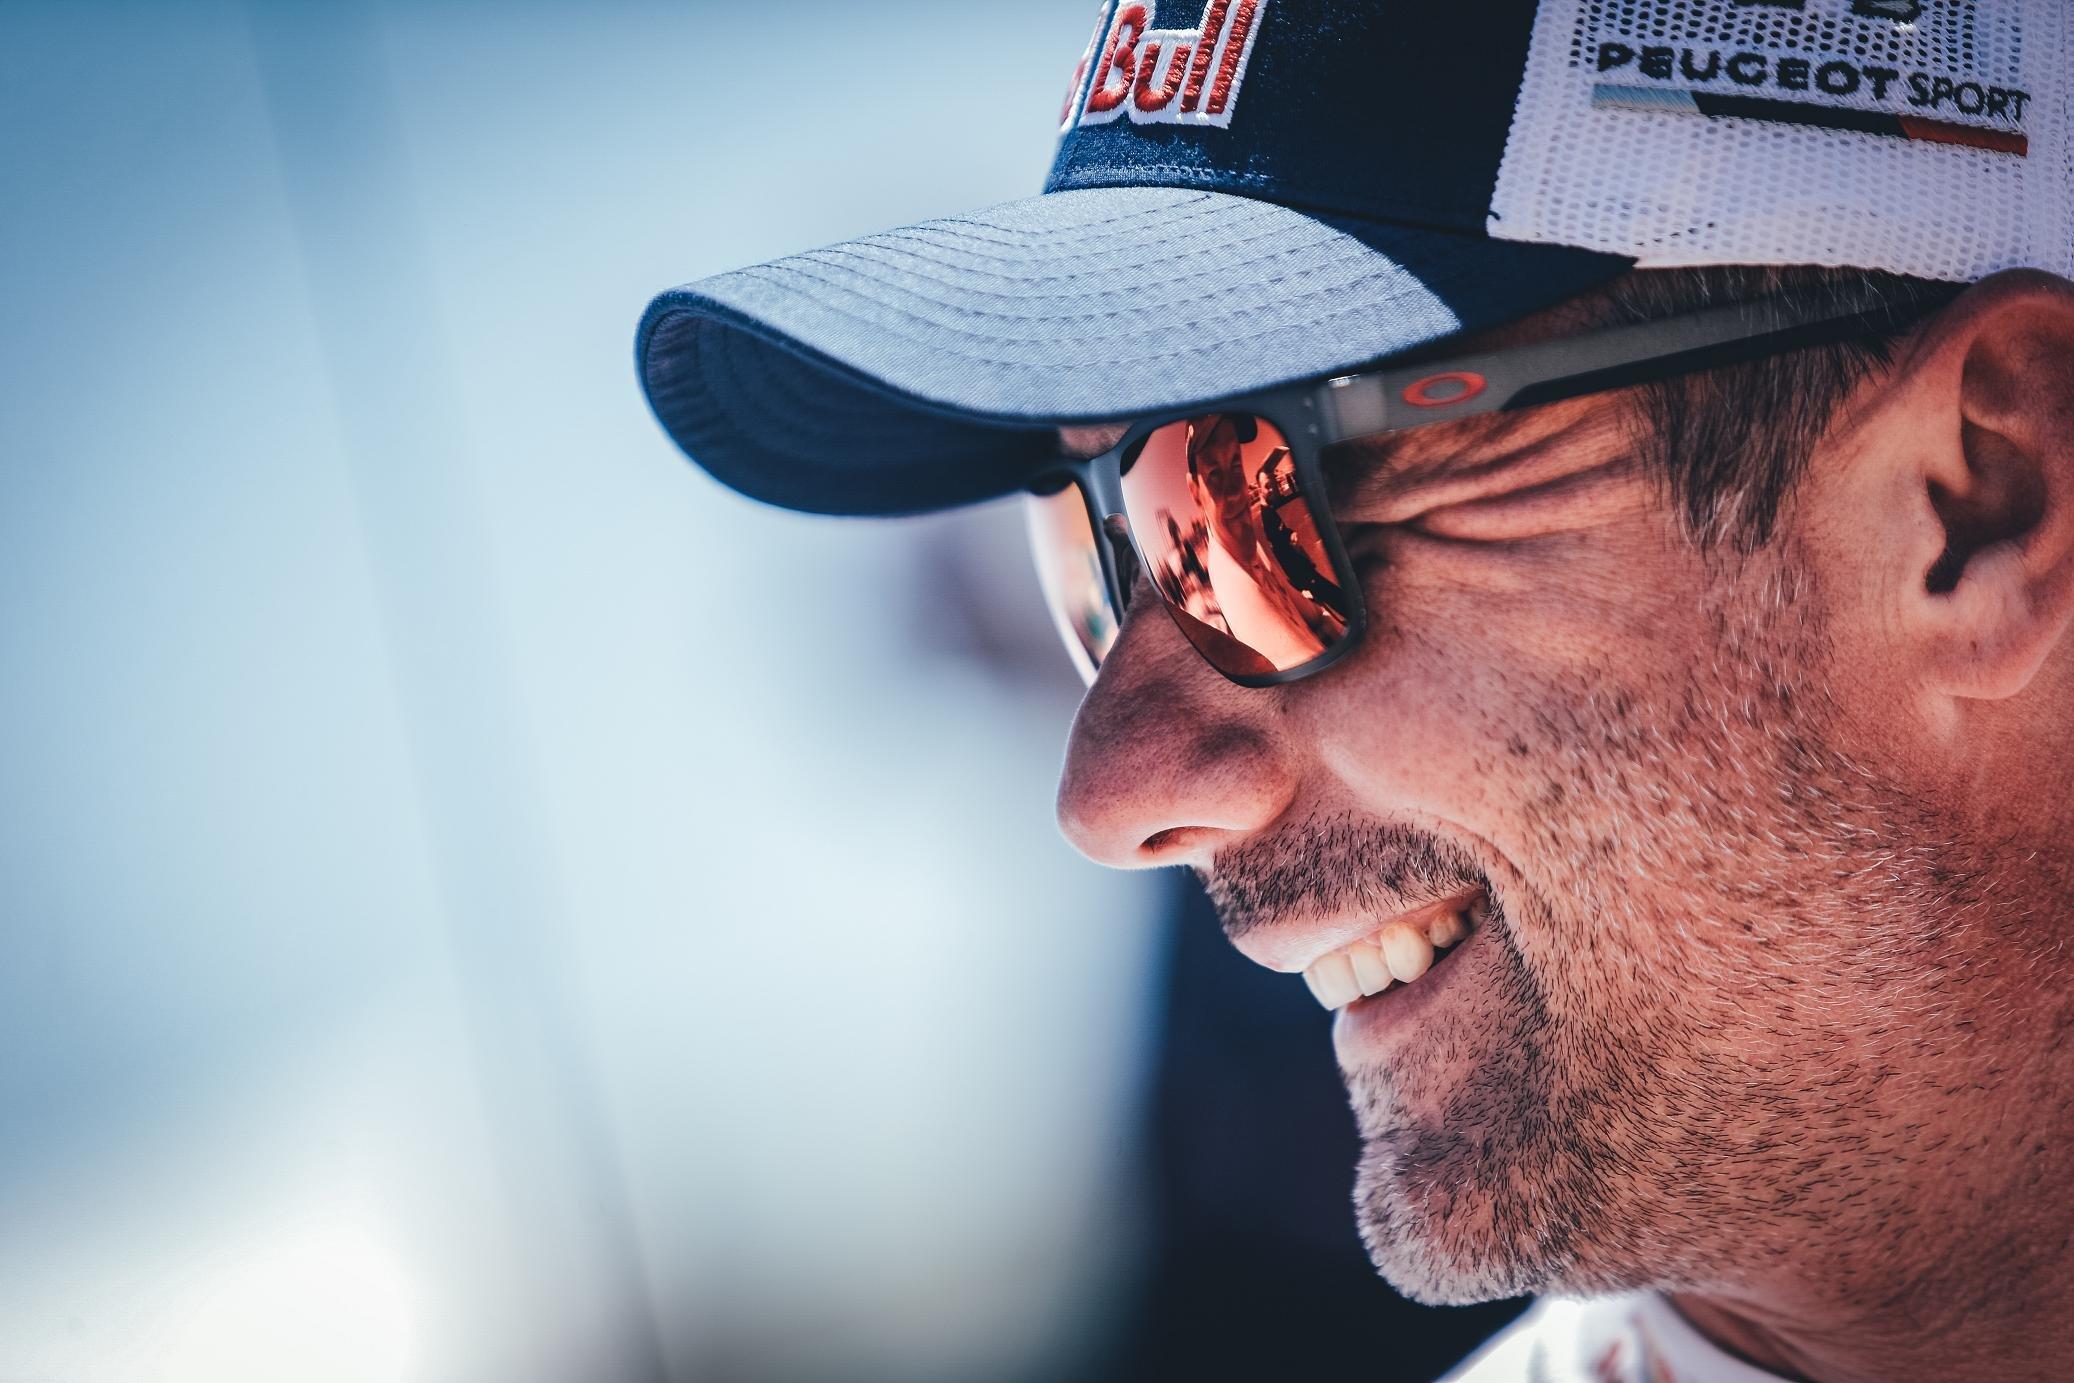 Loeb rompe el mercado del WRC, firmará por Hyundai